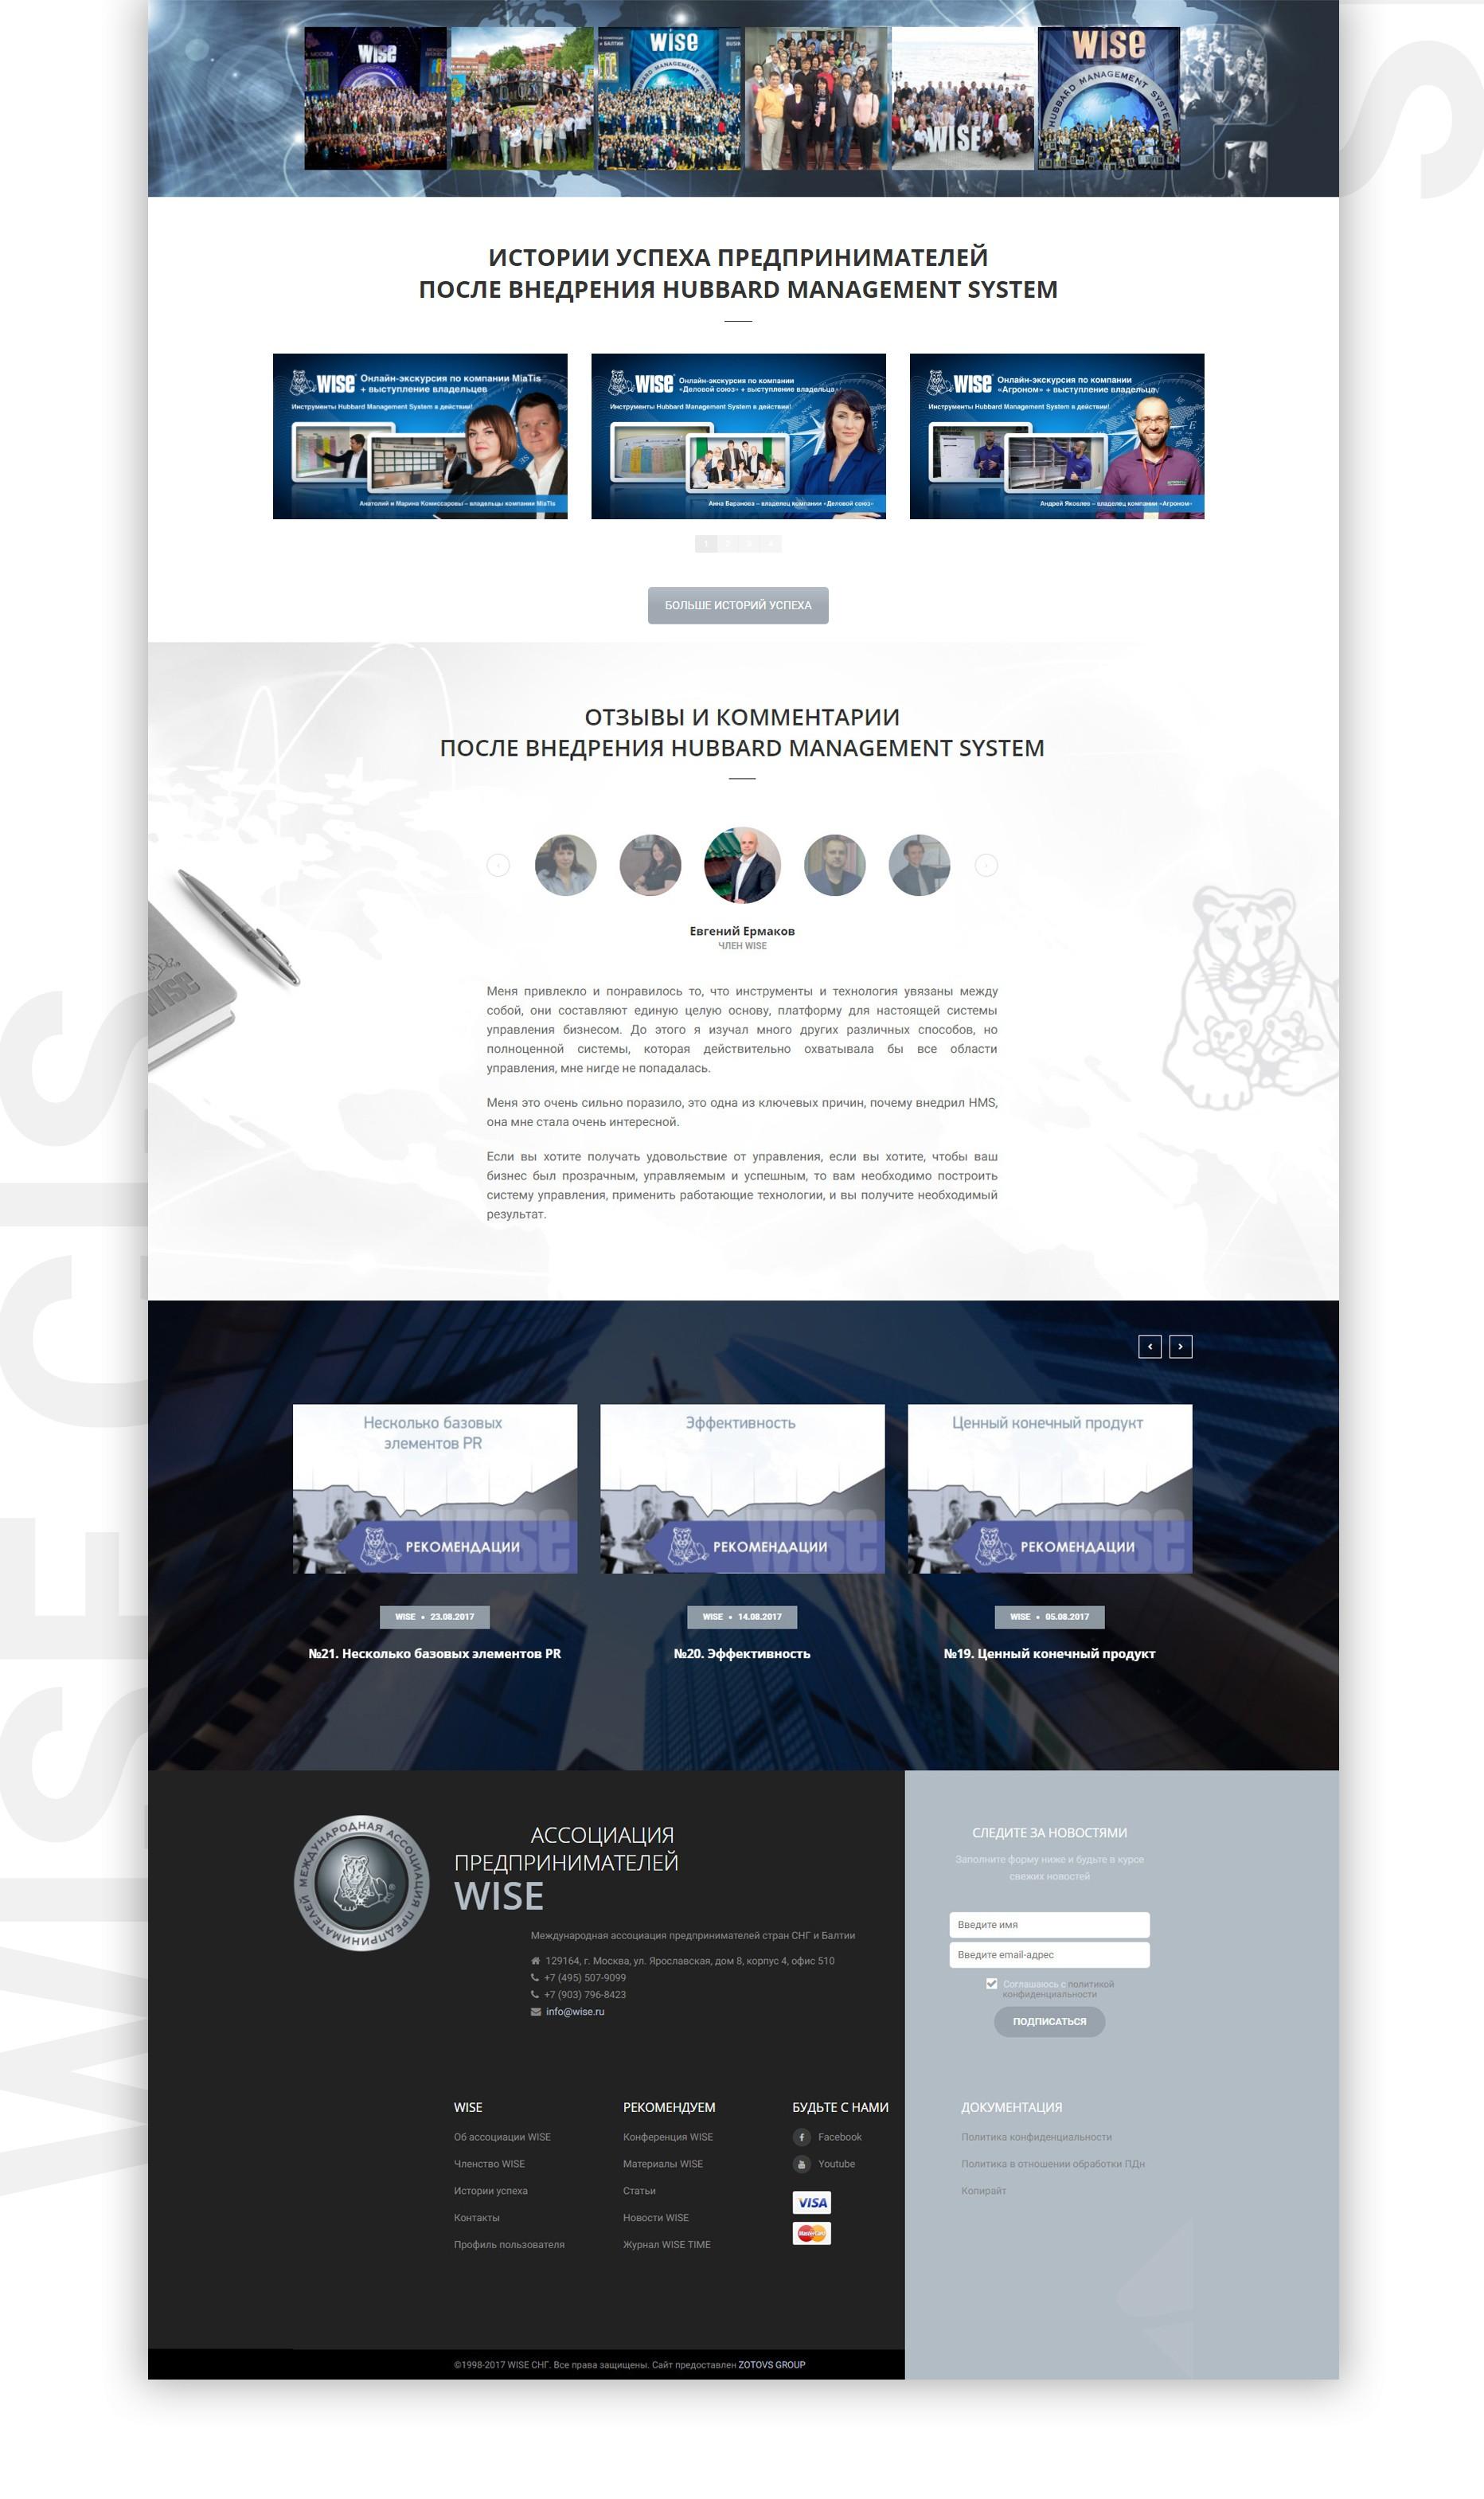 Многофункциональный портал - сайт для WISE